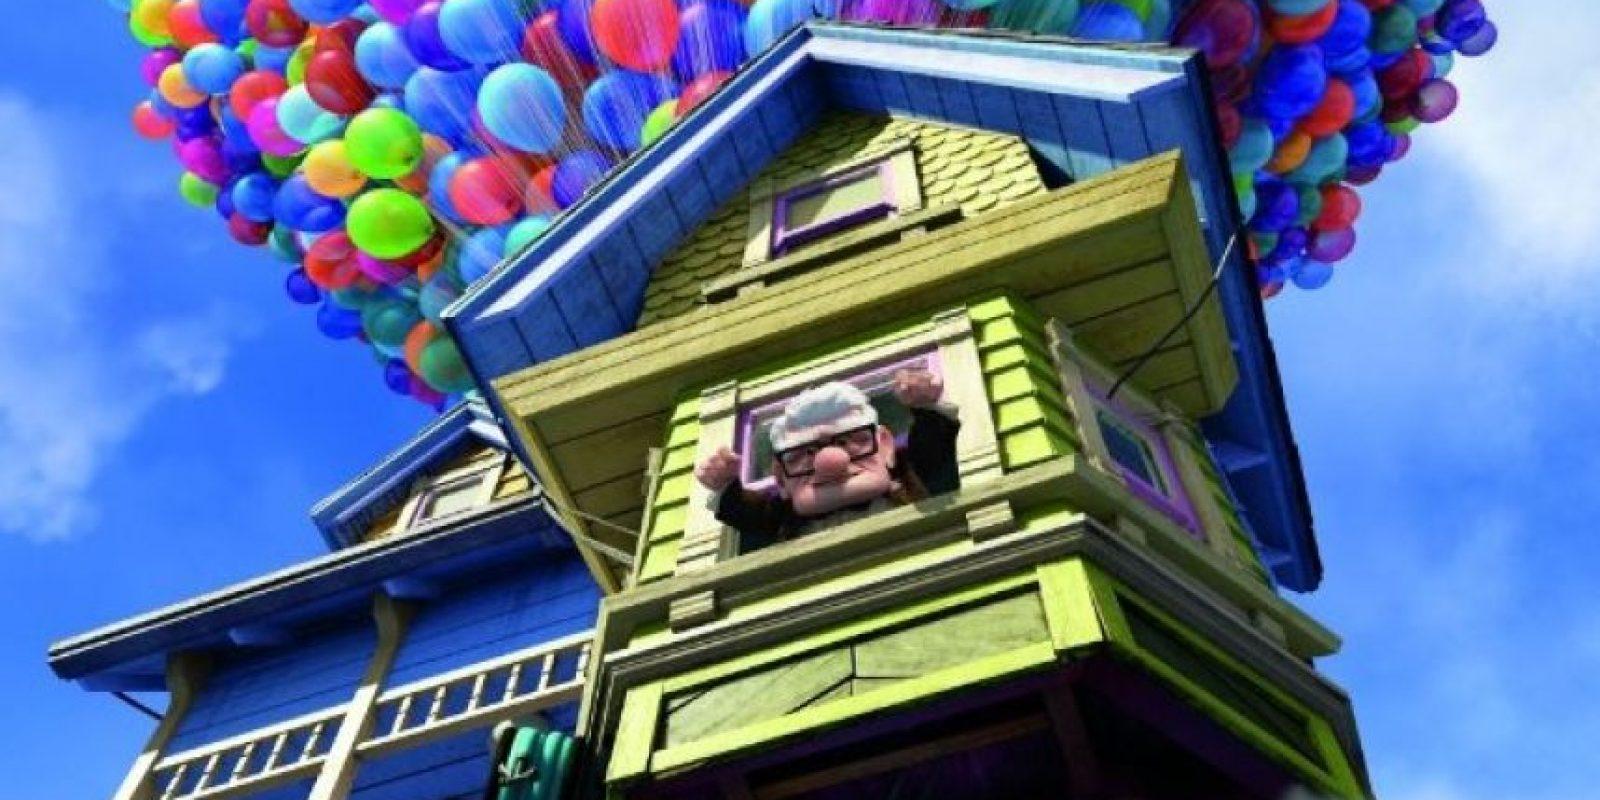 """La trama relata las aventuras de """"Carl Fredricksen"""" y de un niño llamado """"Russell"""", quienes viajan a Cataratas del Paraíso en Venezuela, en el interior de una casa flotante suspendida con globos de helio. Foto:IMDb"""